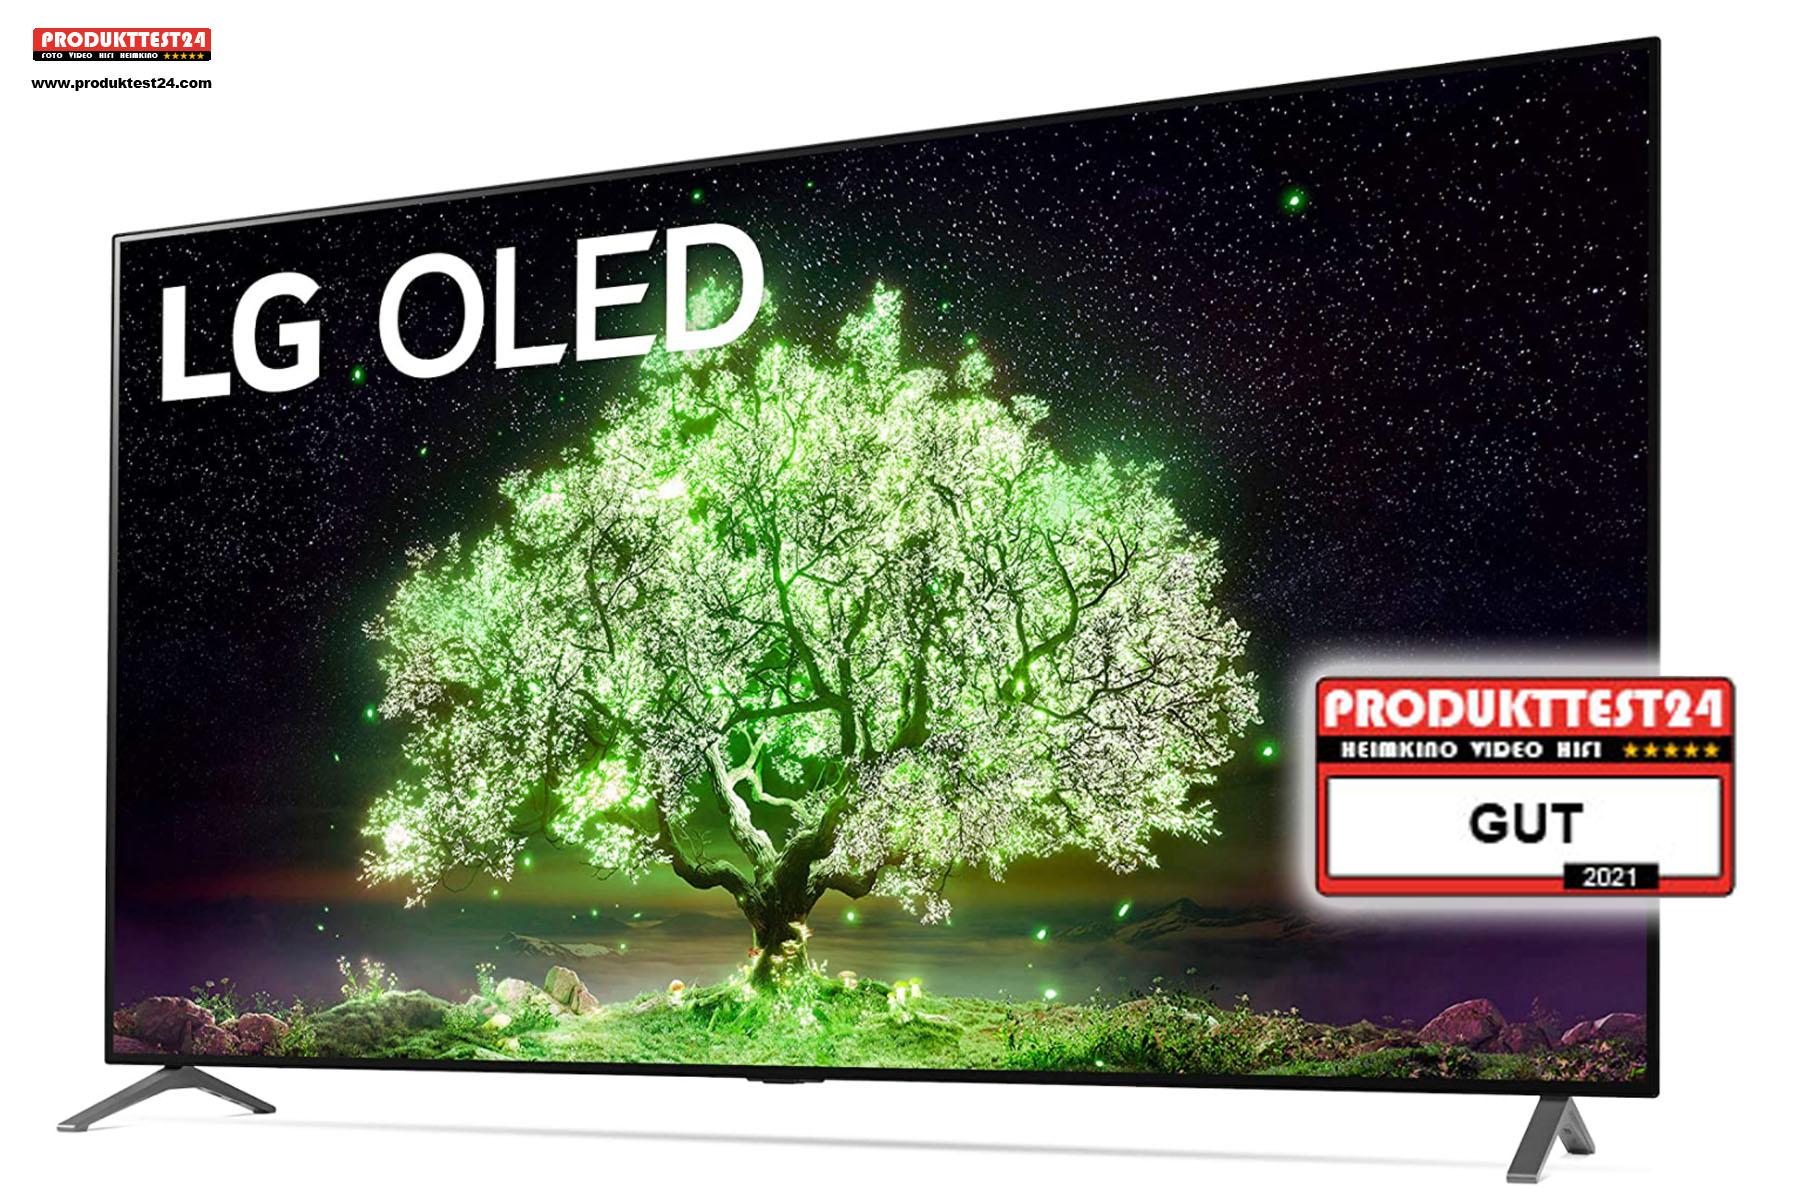 Der Schnäppchen OLED-Fernseher - LG OLED A1 von 2021